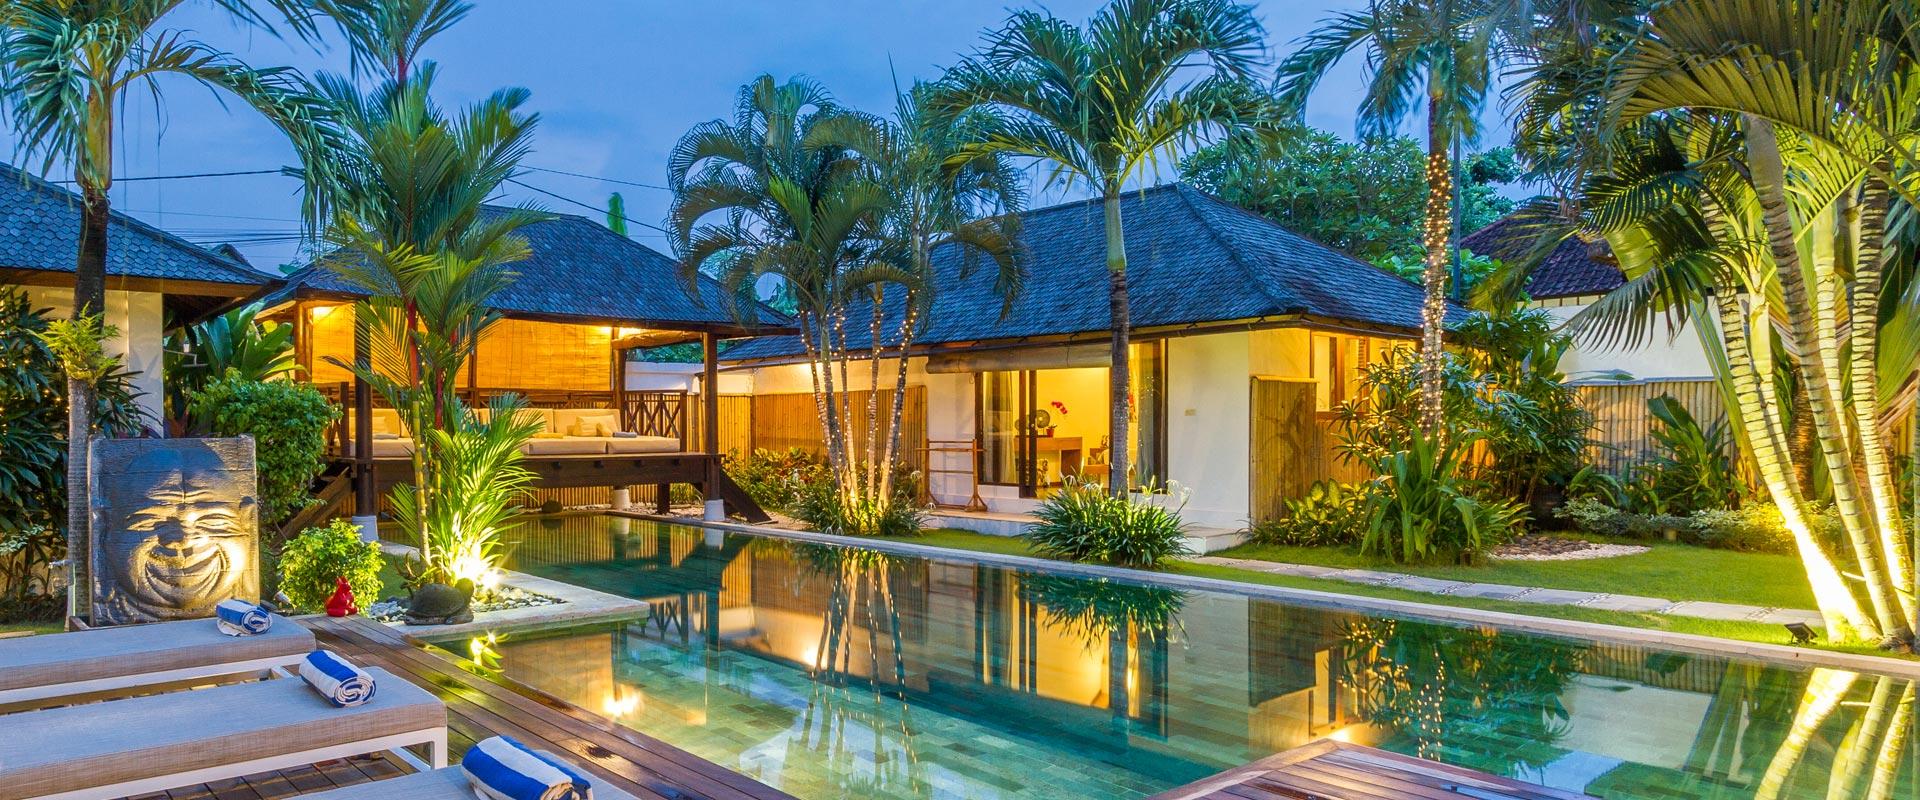 Location Maison Bali villa bali b, superbe villa avec une situation exceptionnelle à